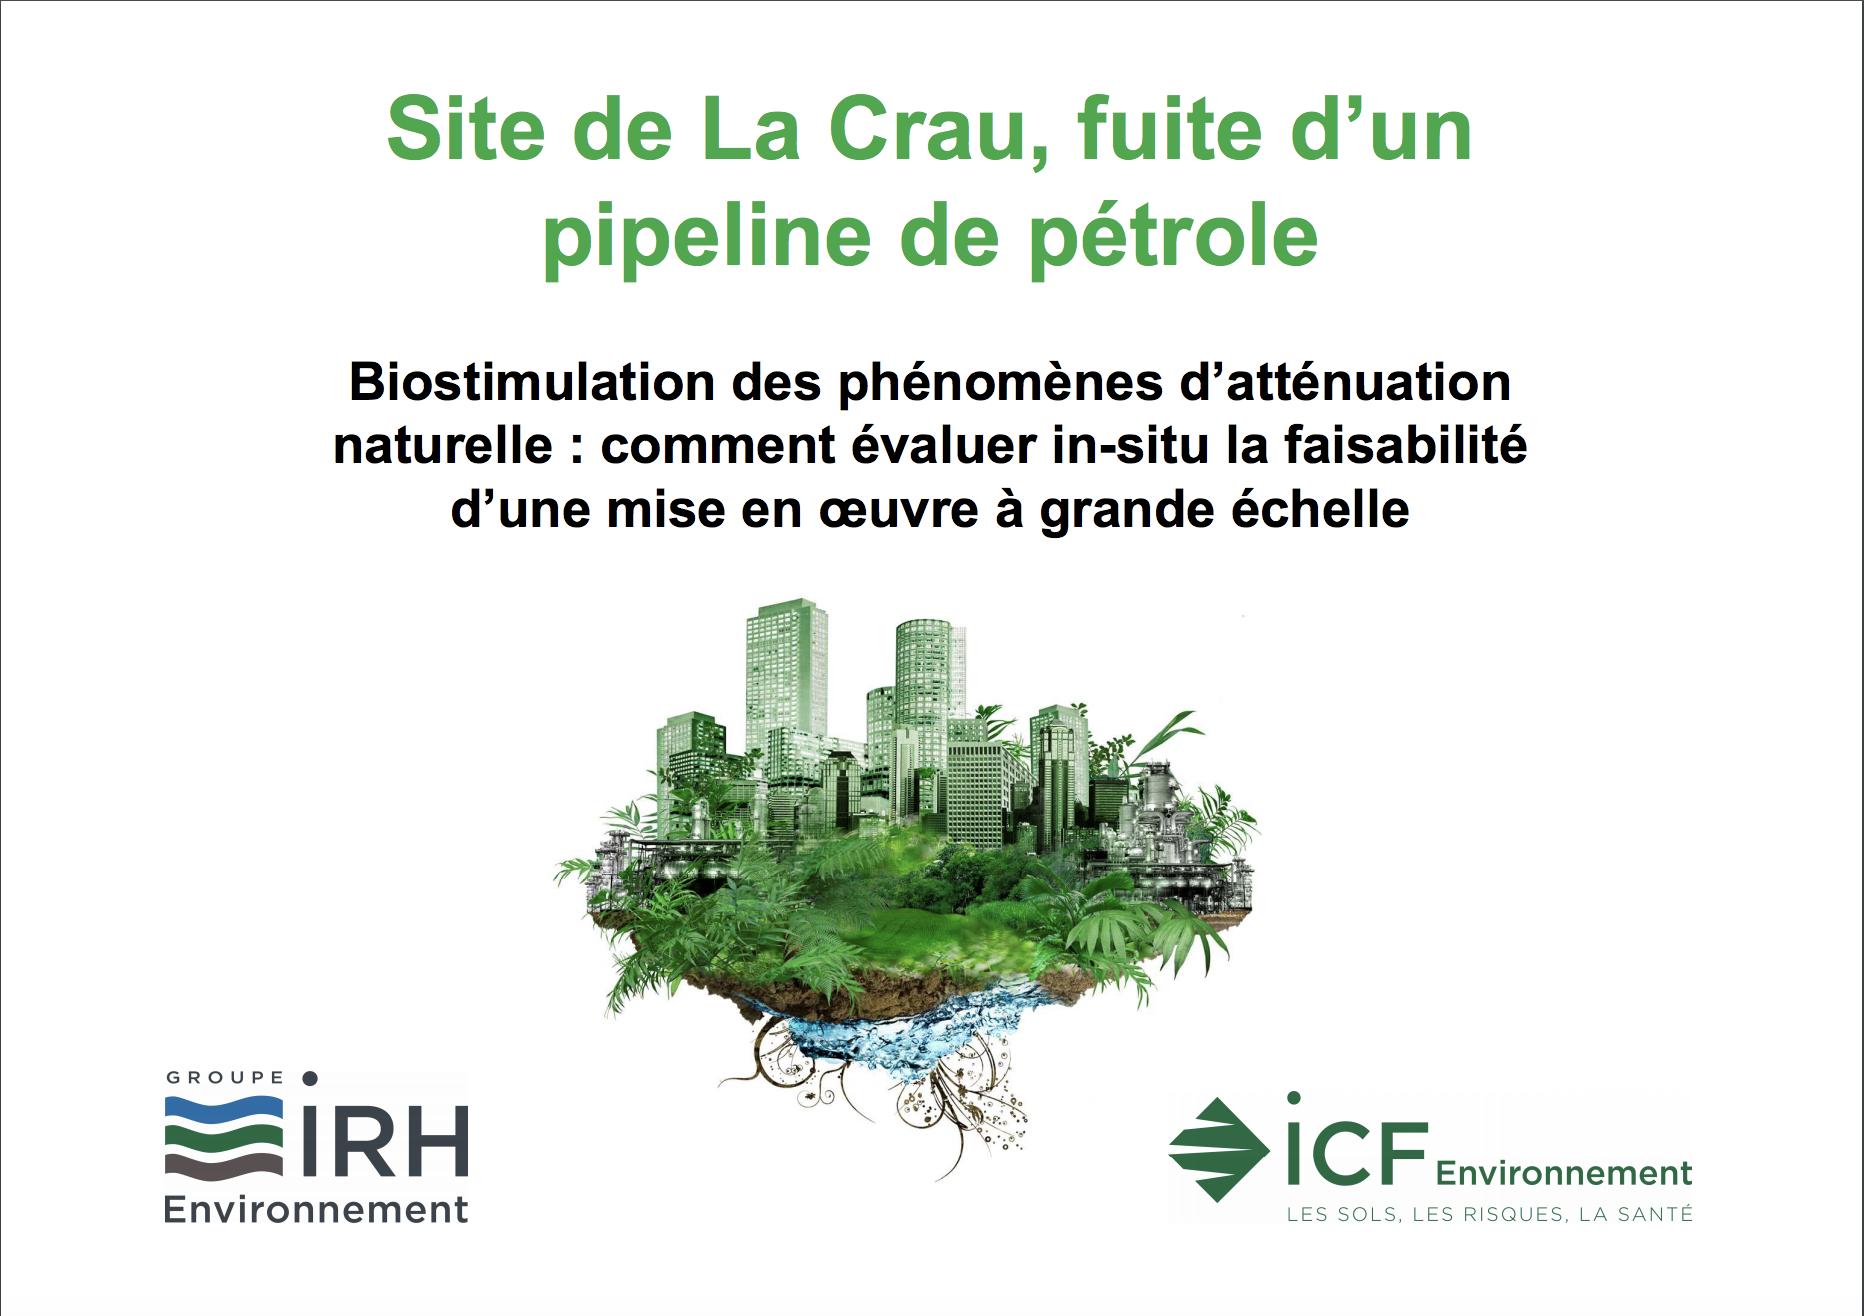 Site de la CRAU - fuite d'un pipeline de pétrole - biostimulation des phénomènes d'atténuation naturelle - ICF ENVIRONNEMENT -